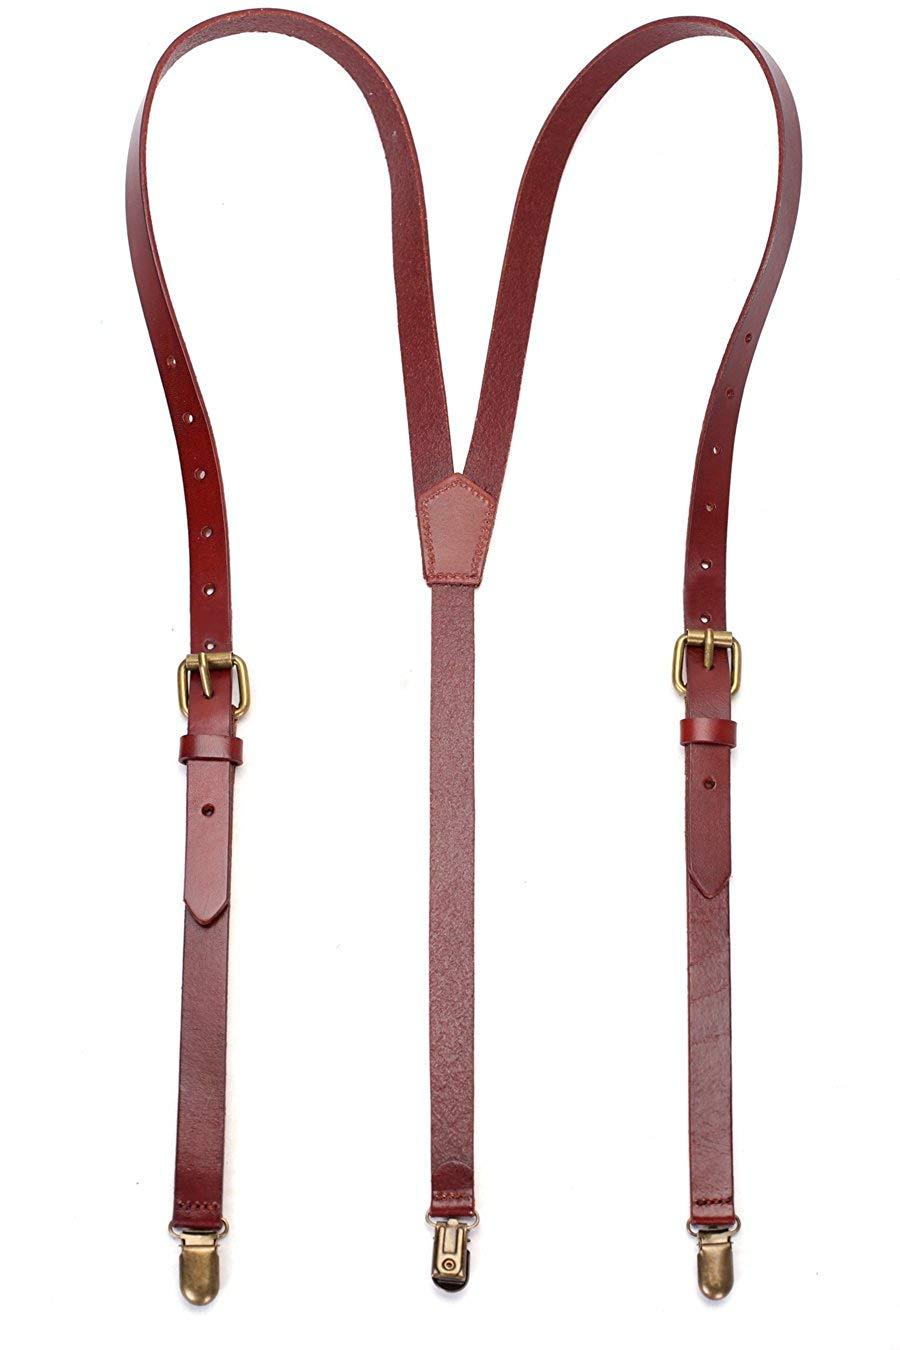 ROCKCOW Genuine Leather Suspenders / Groomsman Wedding Suspenders